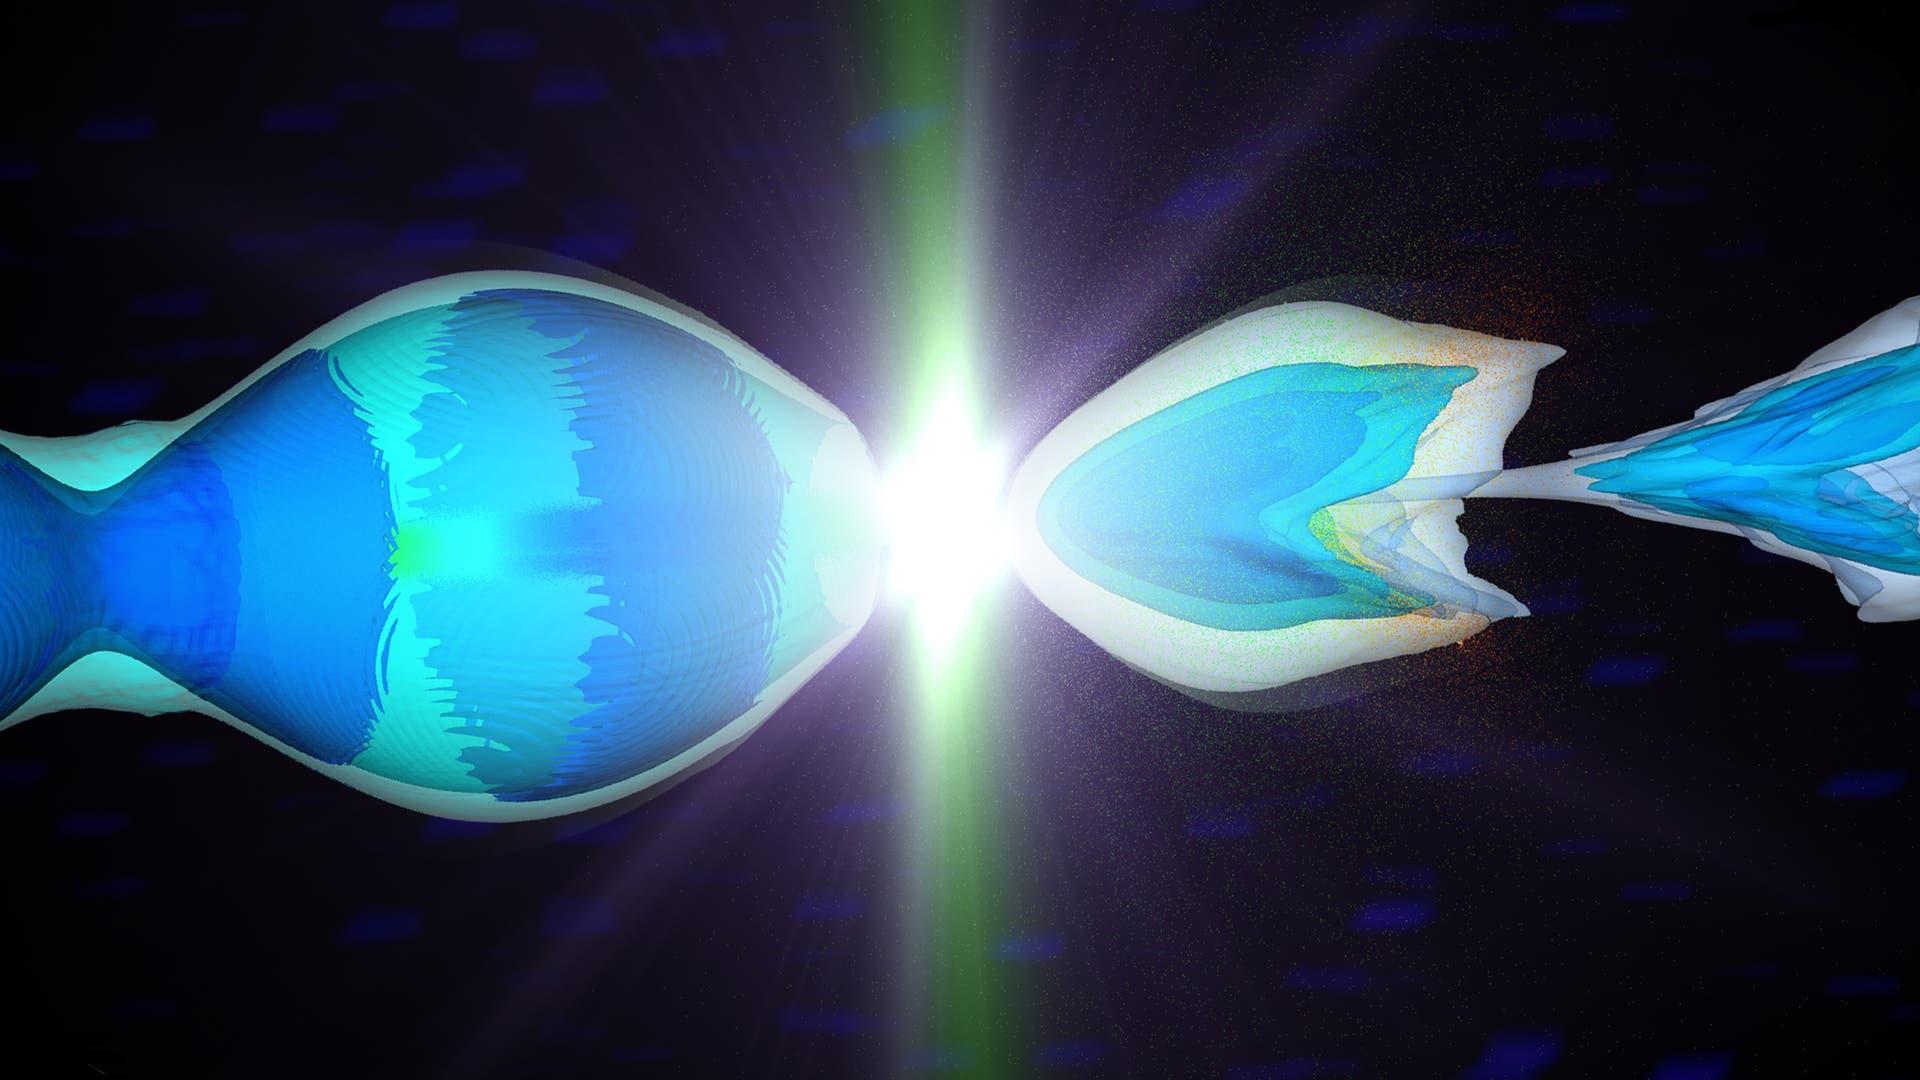 In einer Computersimulation stoßen Elektronen und Positronen zusammen, die zuvor von Plasmafeldern beschleunigt wurden.